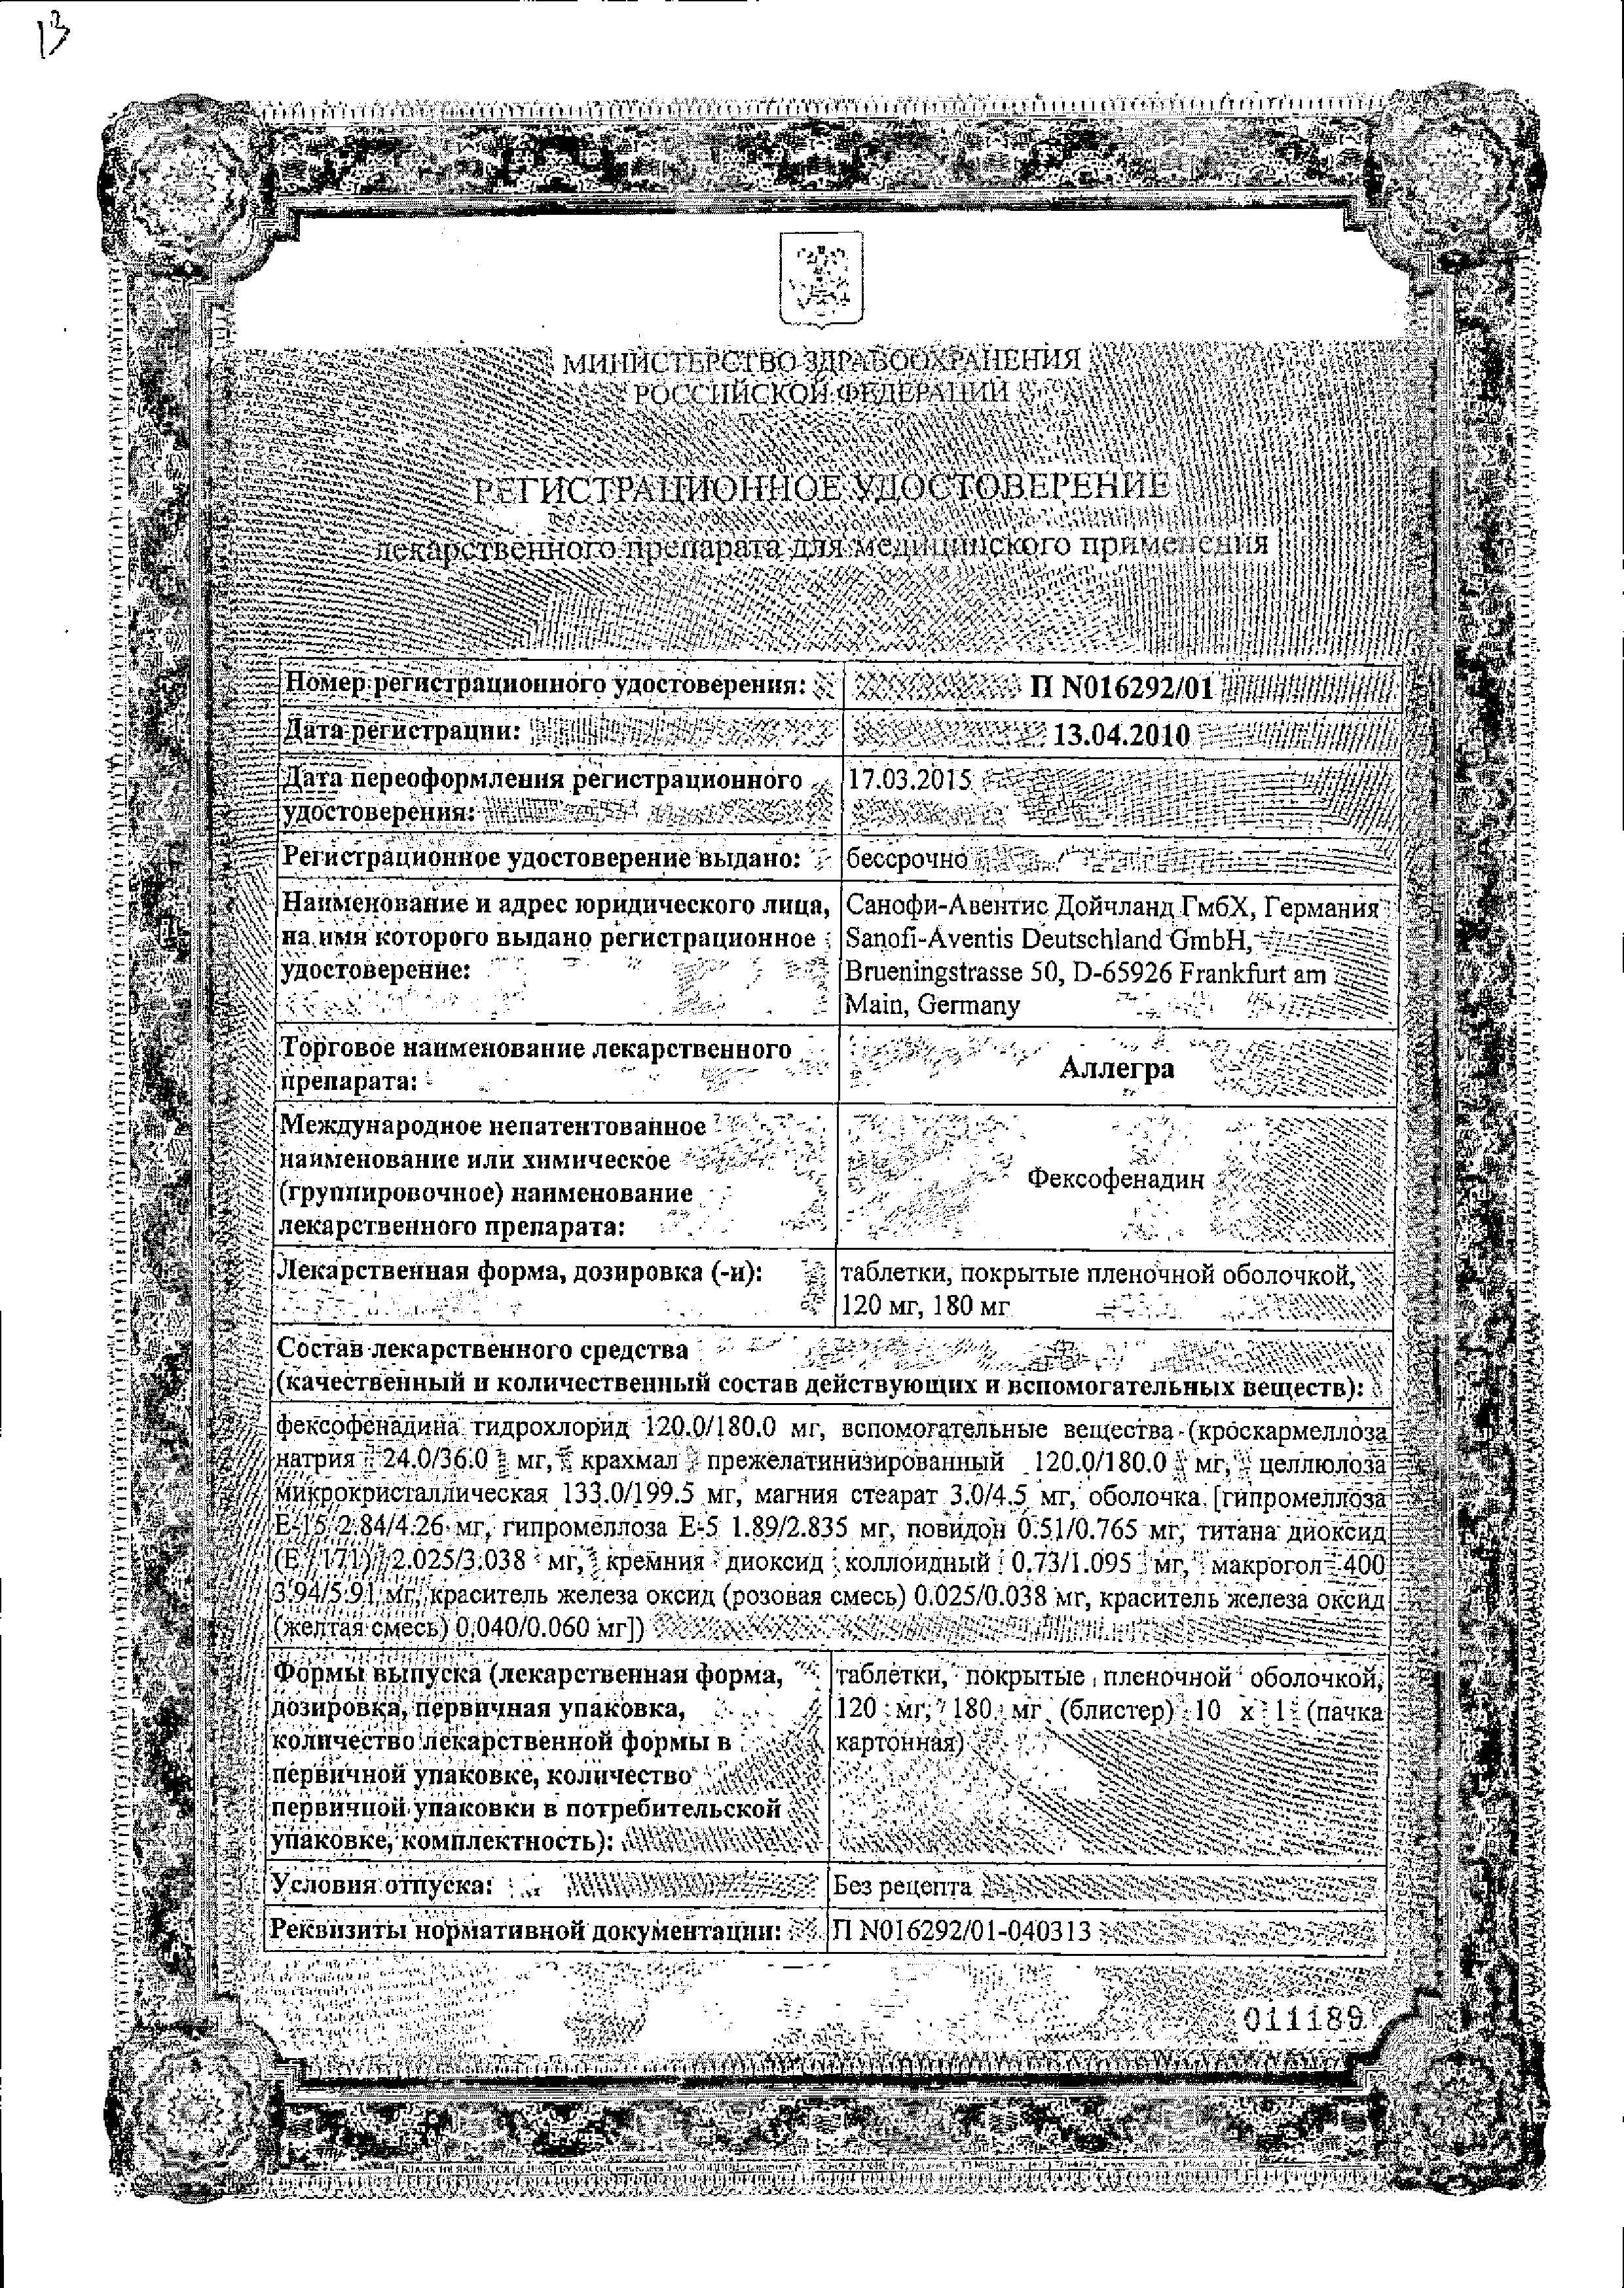 Аллегра сертификат